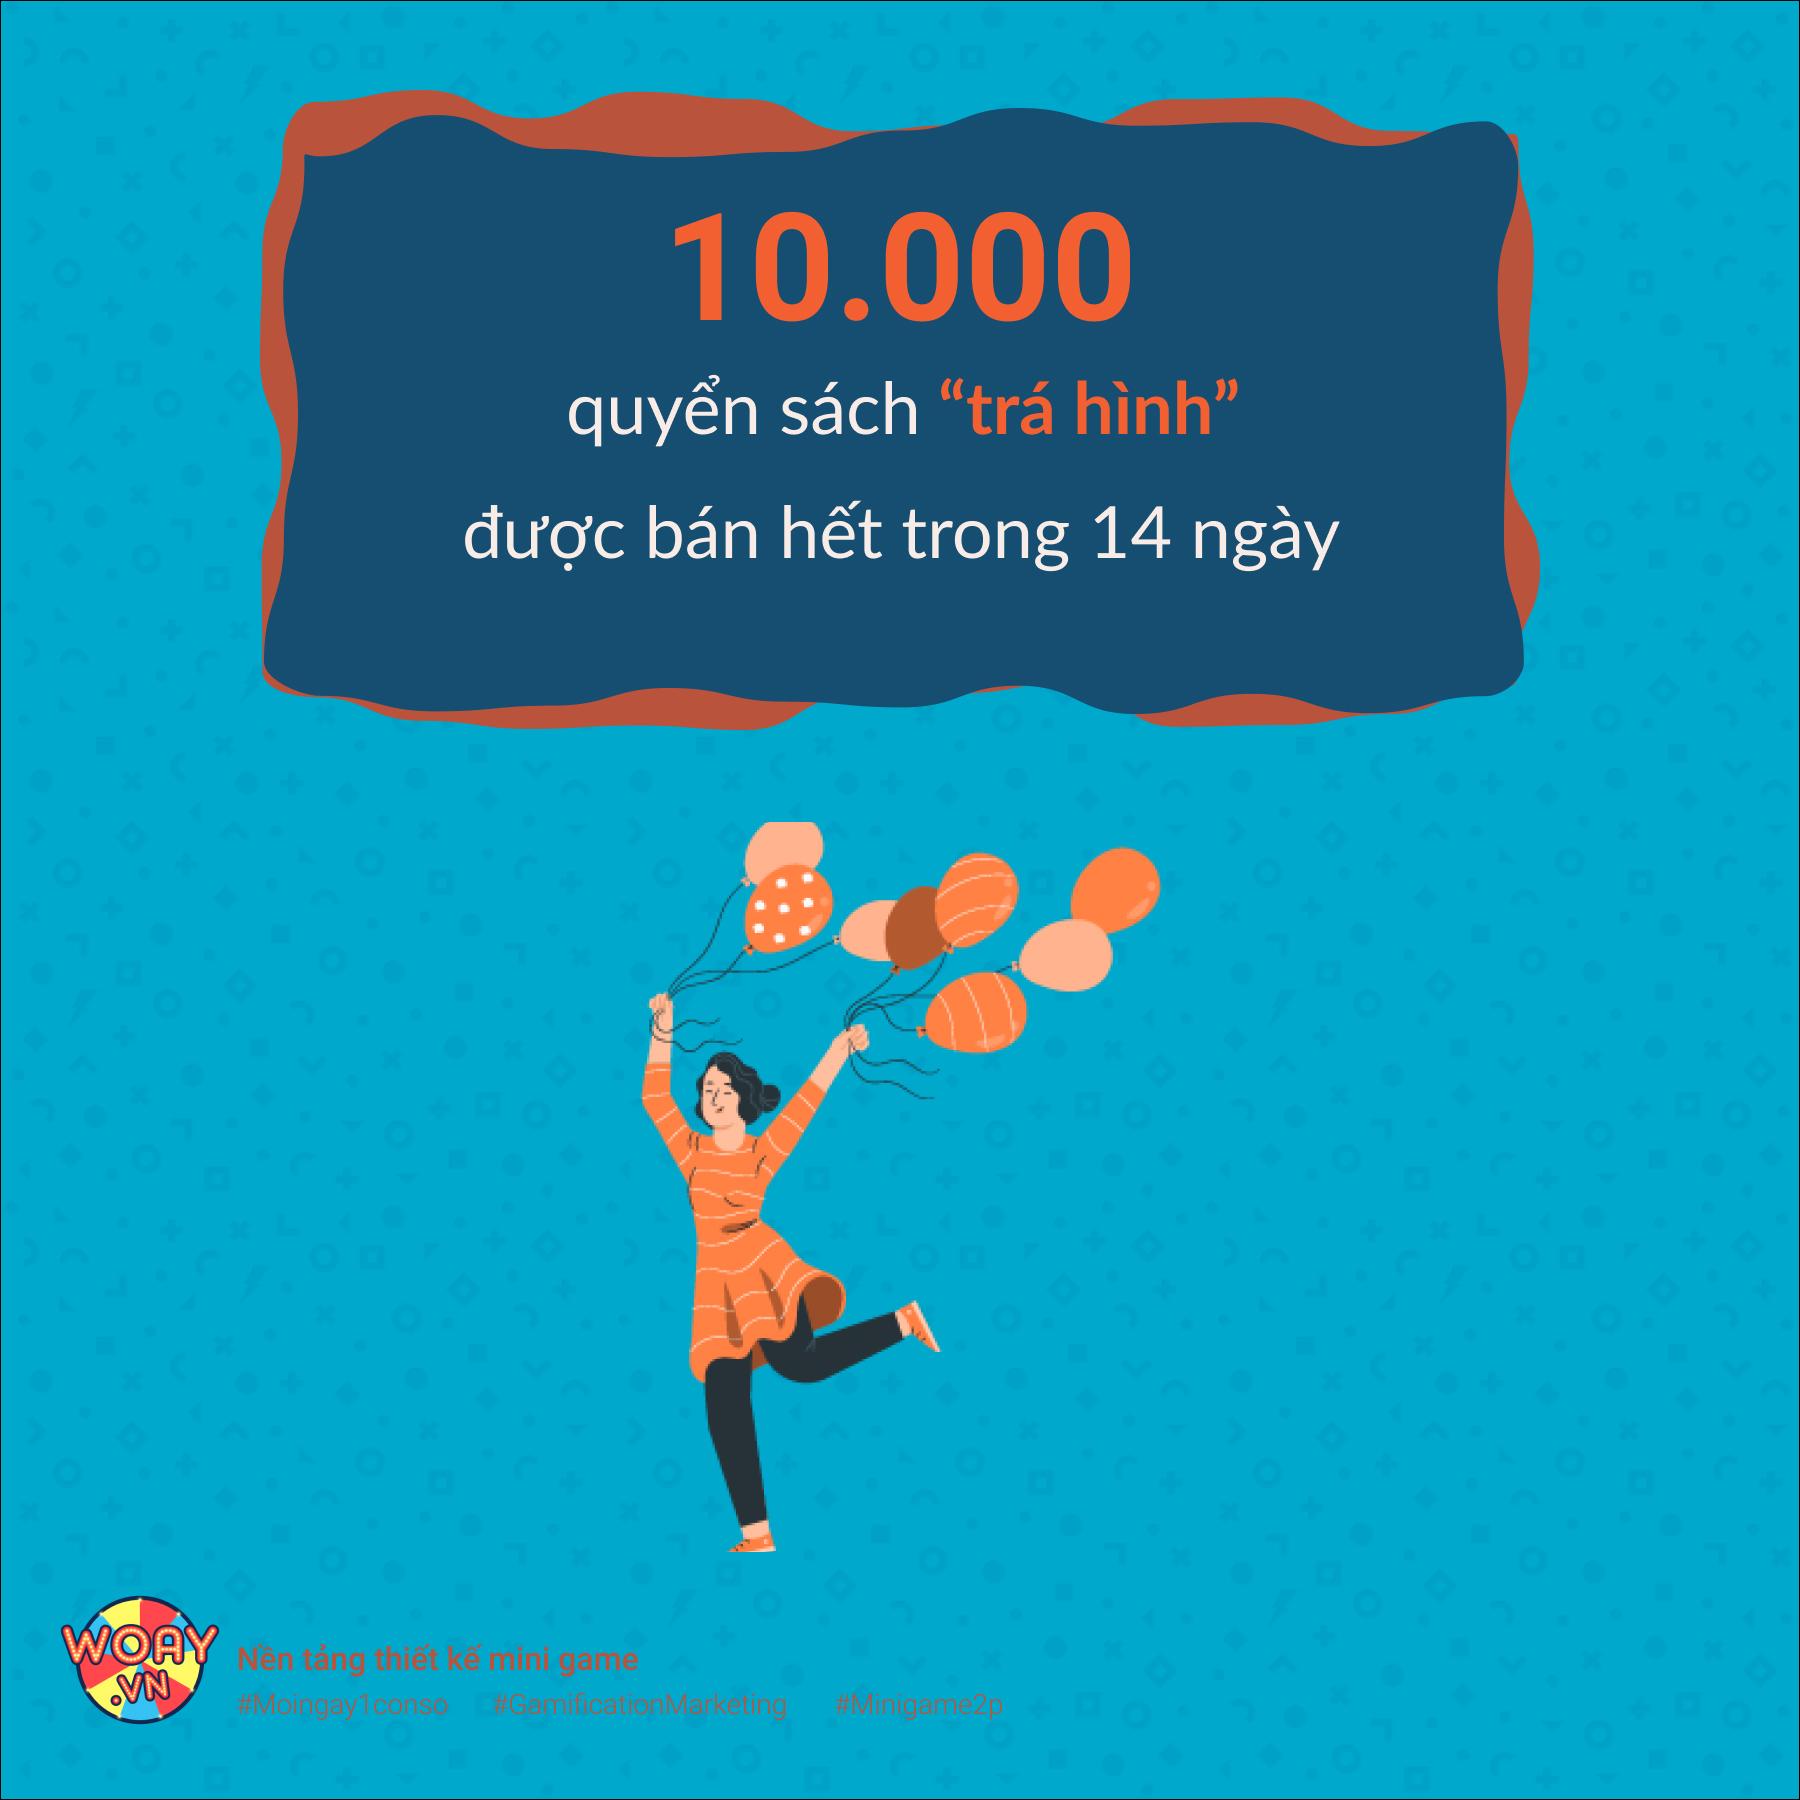 """10.000 quyển sách """"trá hình"""" được bán hết trong 14 ngày."""